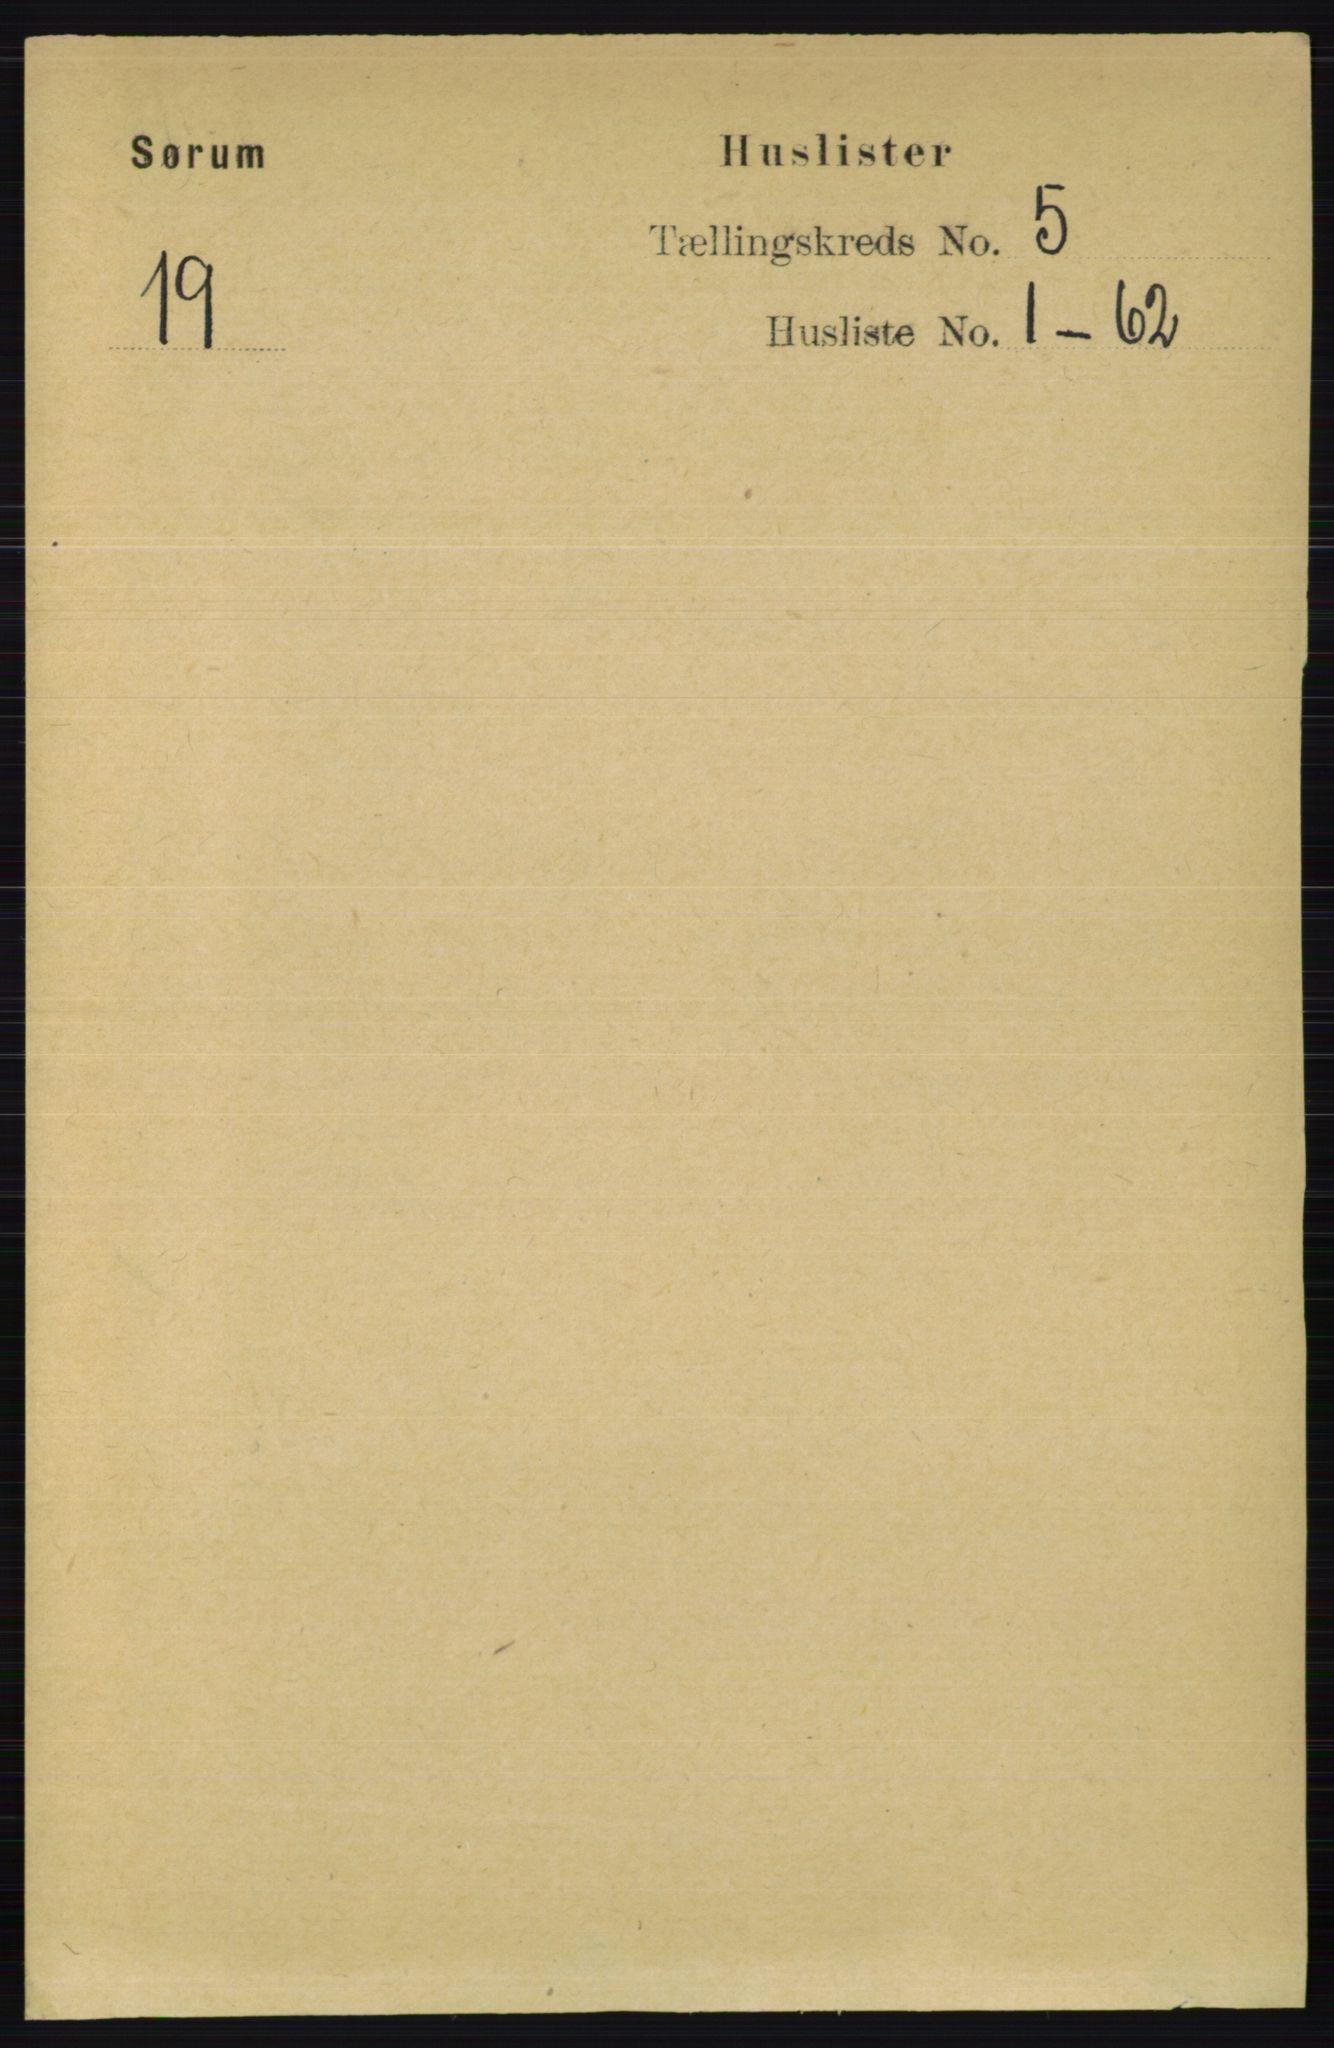 RA, Folketelling 1891 for 0226 Sørum herred, 1891, s. 2244